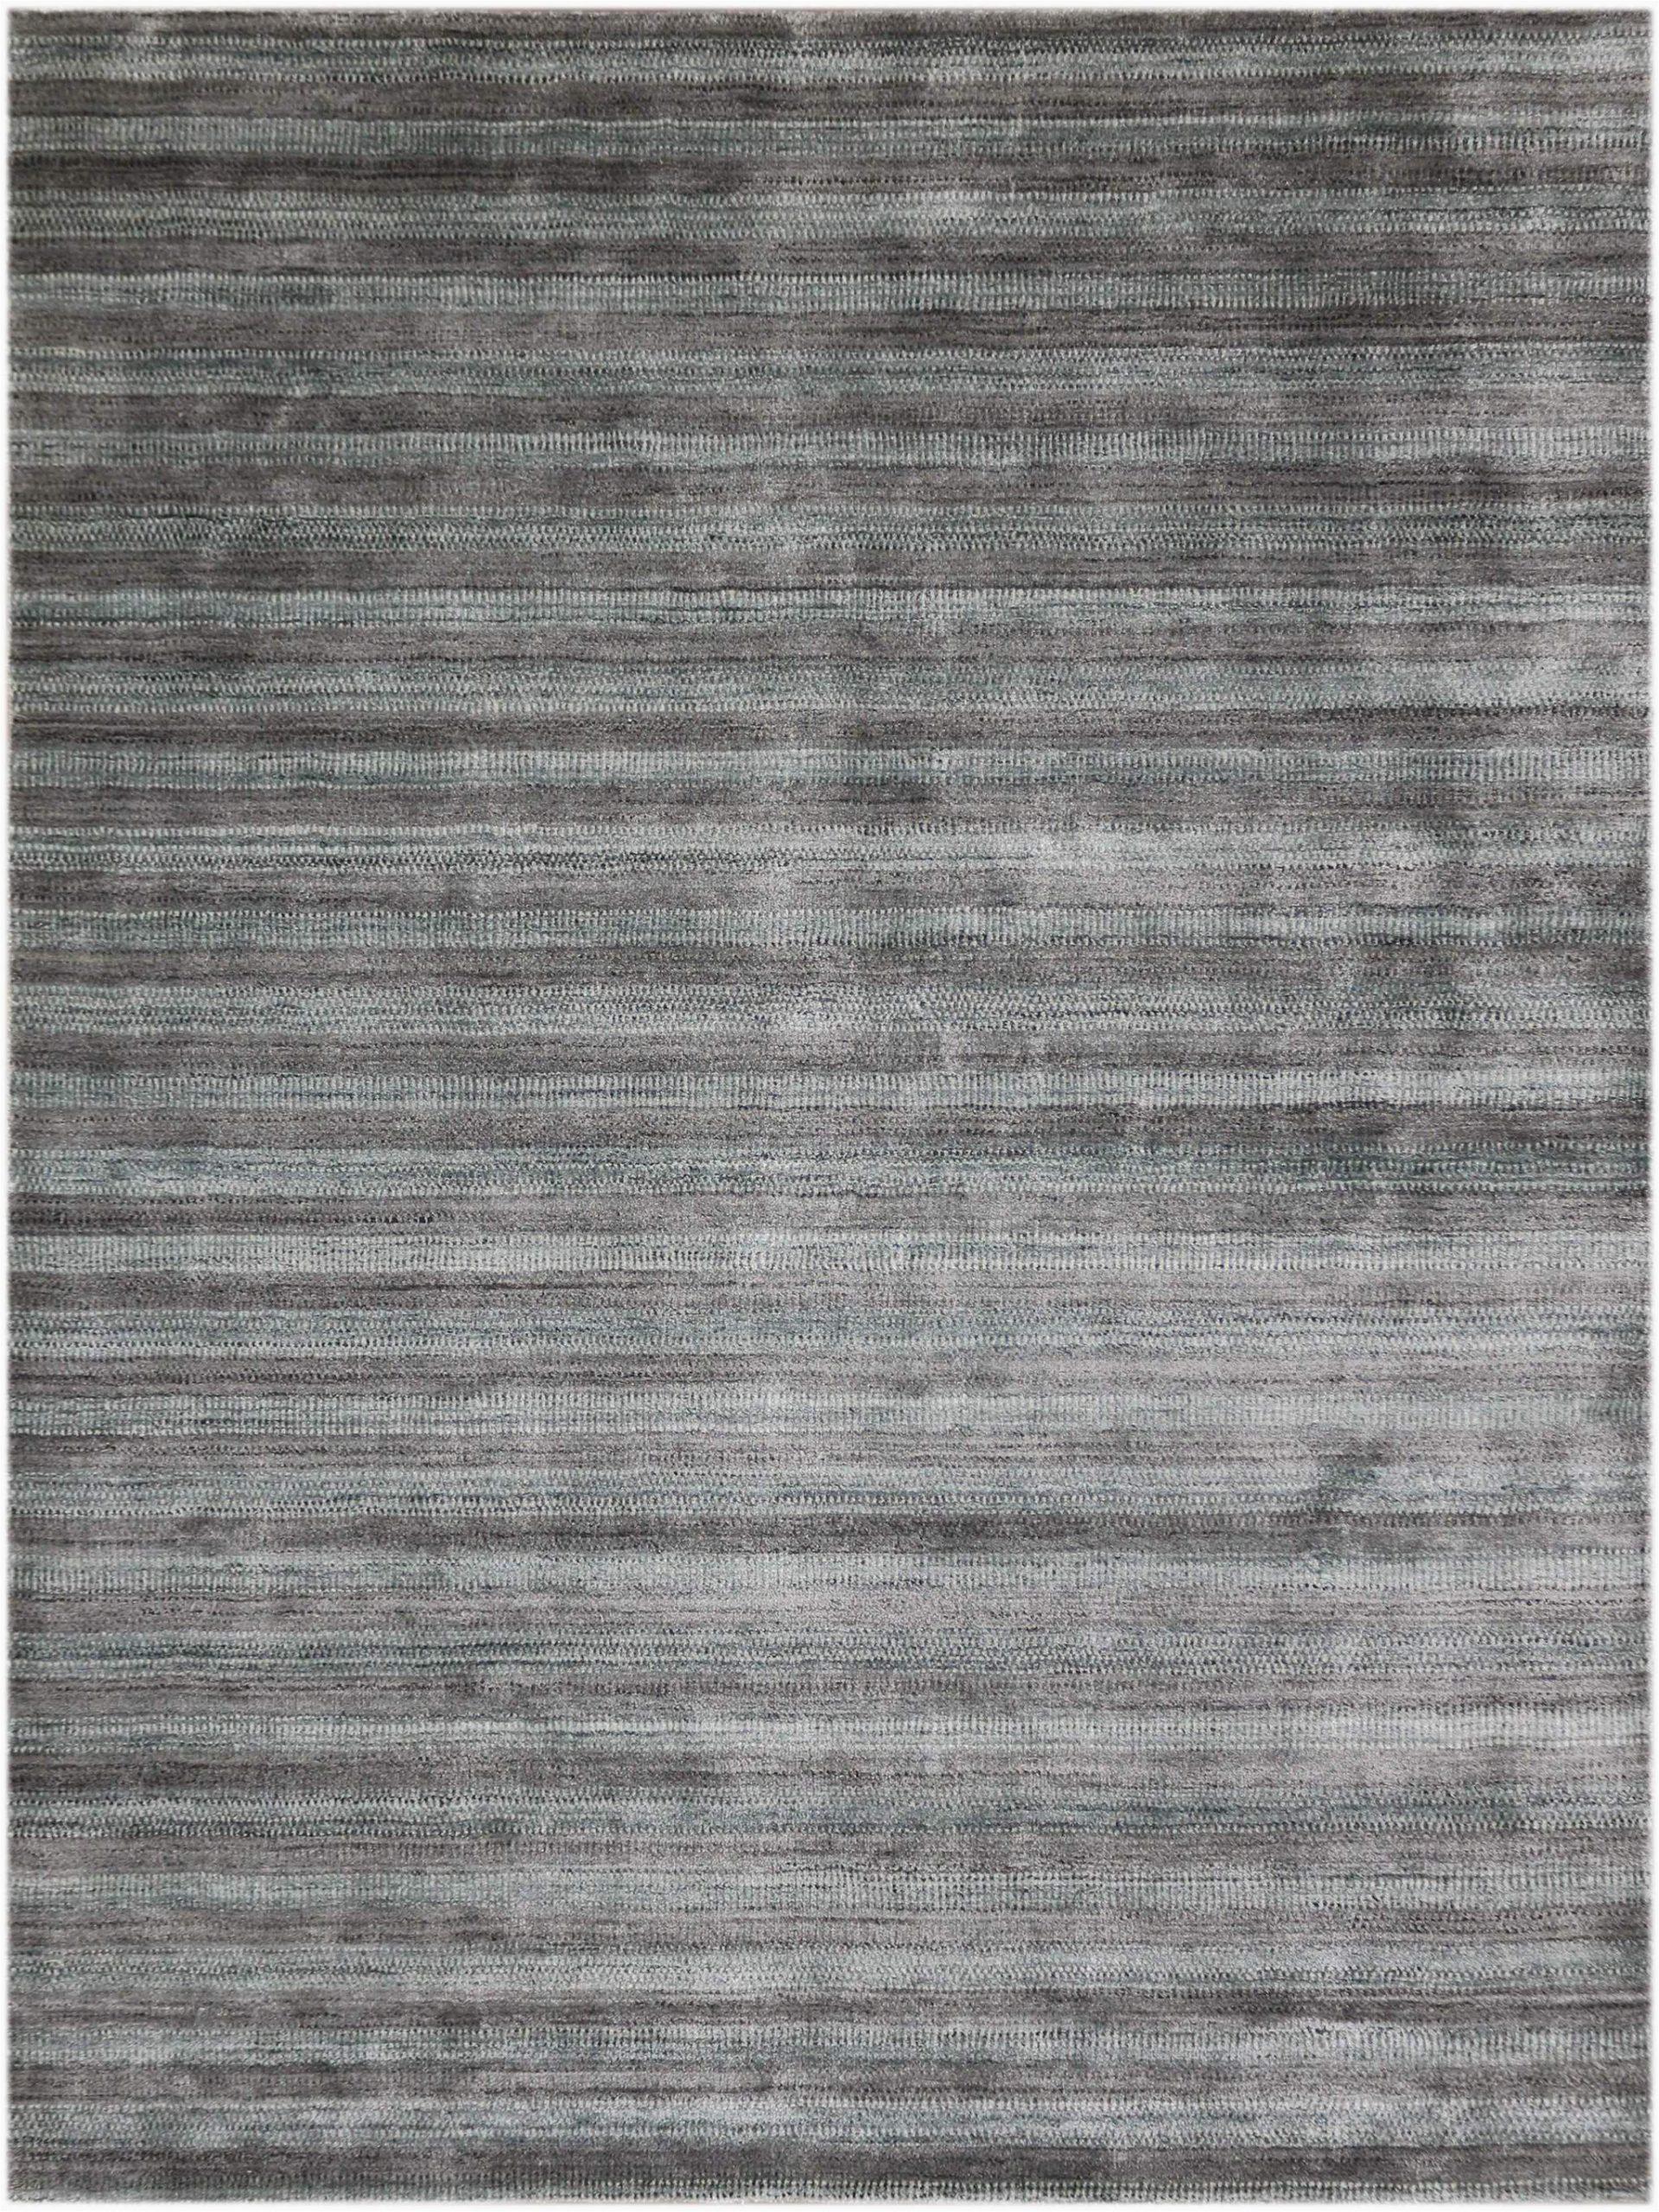 raffia modern art silk area rugs rug shop and more RAF 5 1 2048x